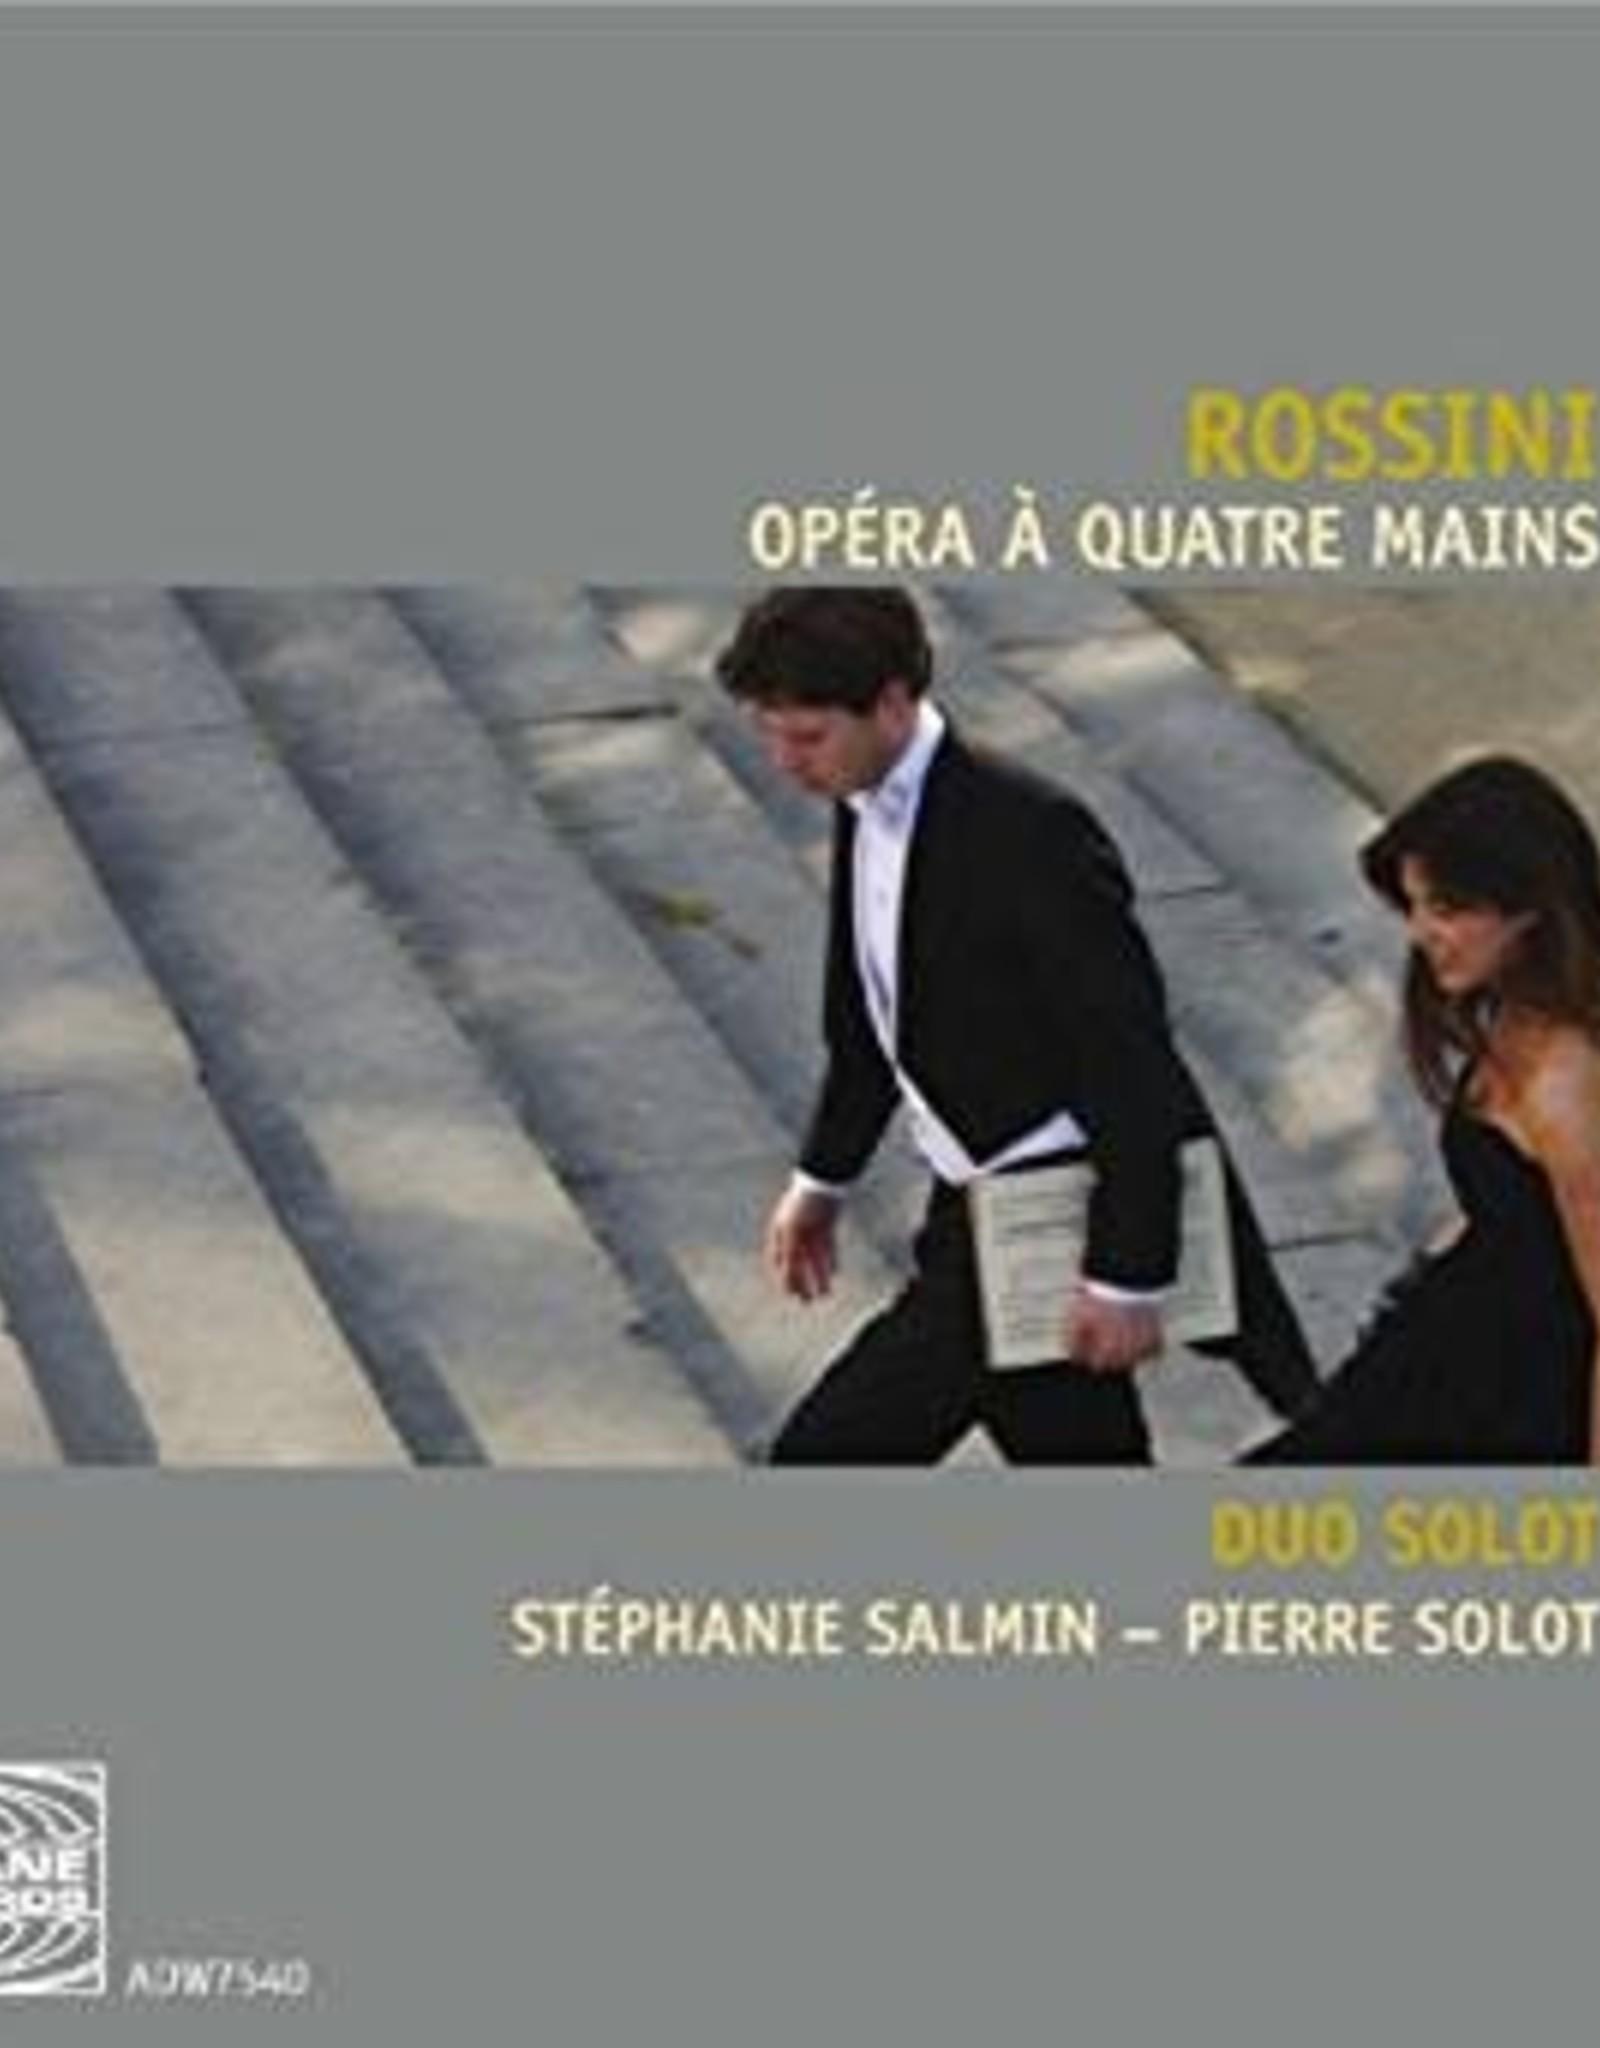 Album CD Duo Solot Rossini